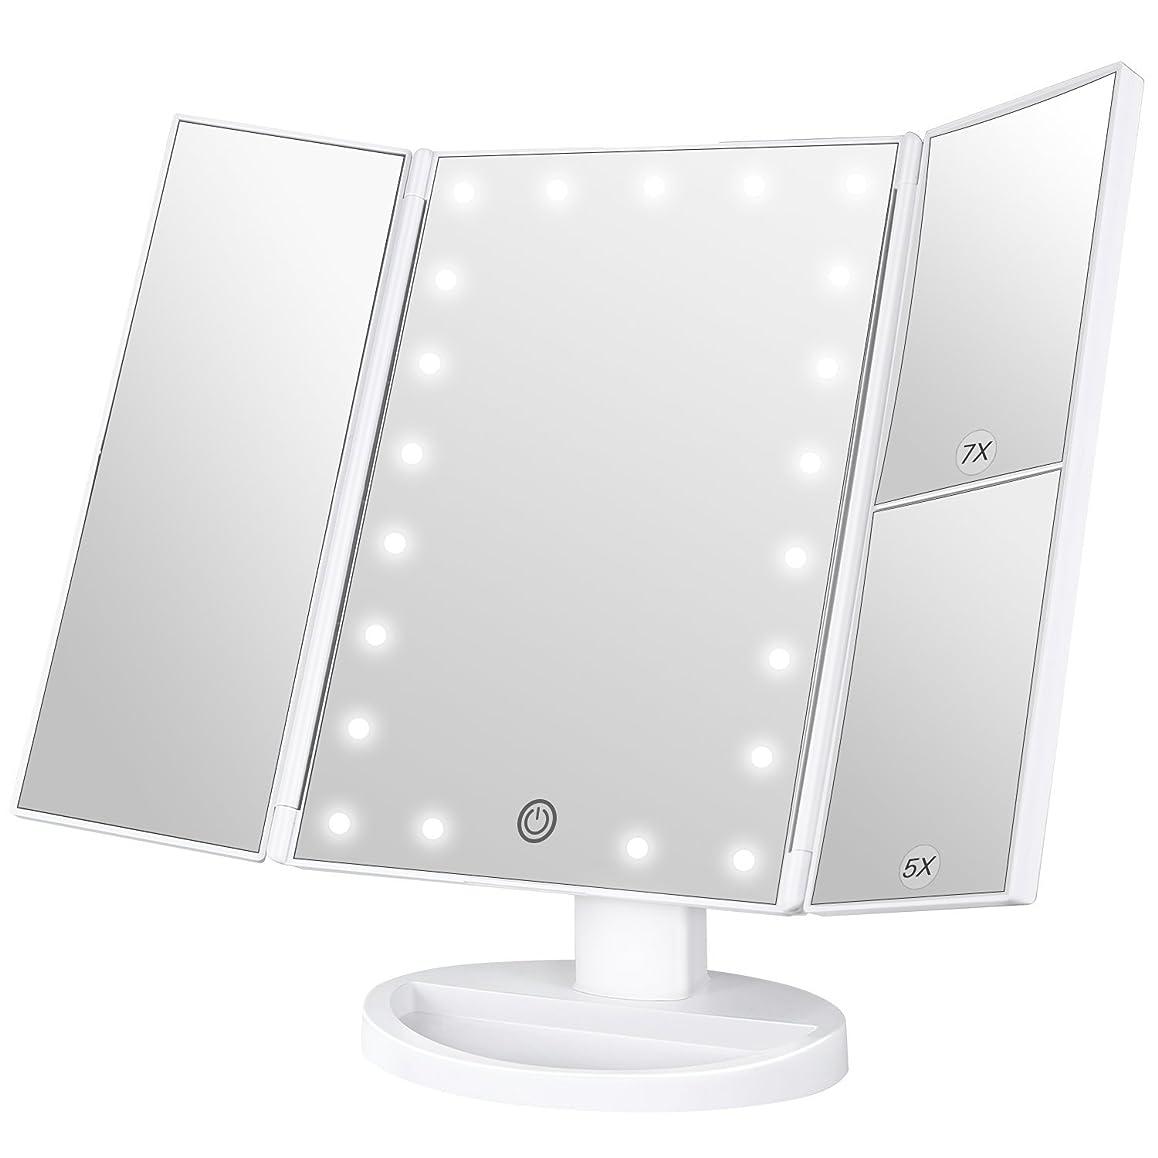 富関税叫ぶBESTOPE 化粧鏡 卓上ミラー 鏡 三面鏡 卓上 led付き 折りたたみ 拡大鏡 5倍 7倍 明るさ調節可能 180°回転 電池&USB 2WAY給電 (ホワイト)